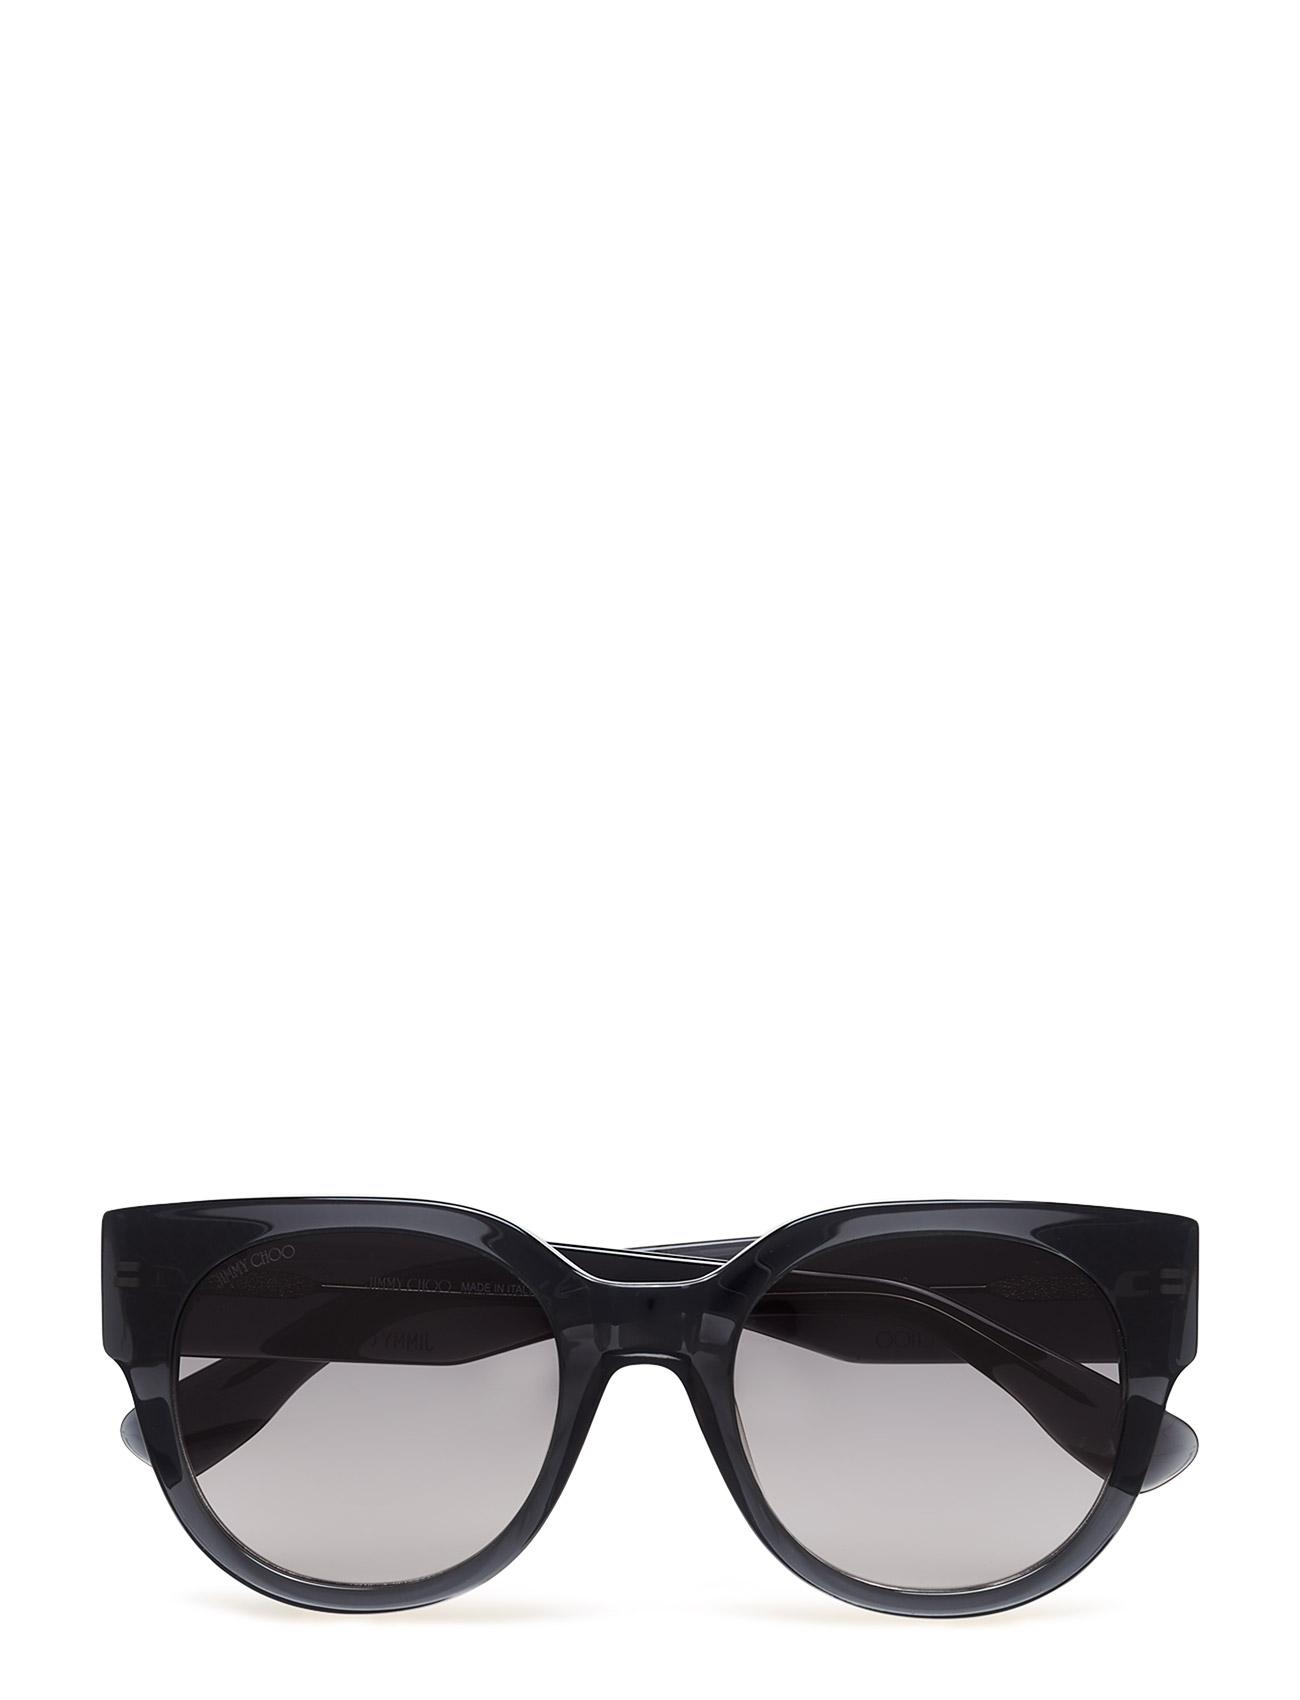 Ola/S Jimmy Choo Sunglasses Solbriller til Damer i